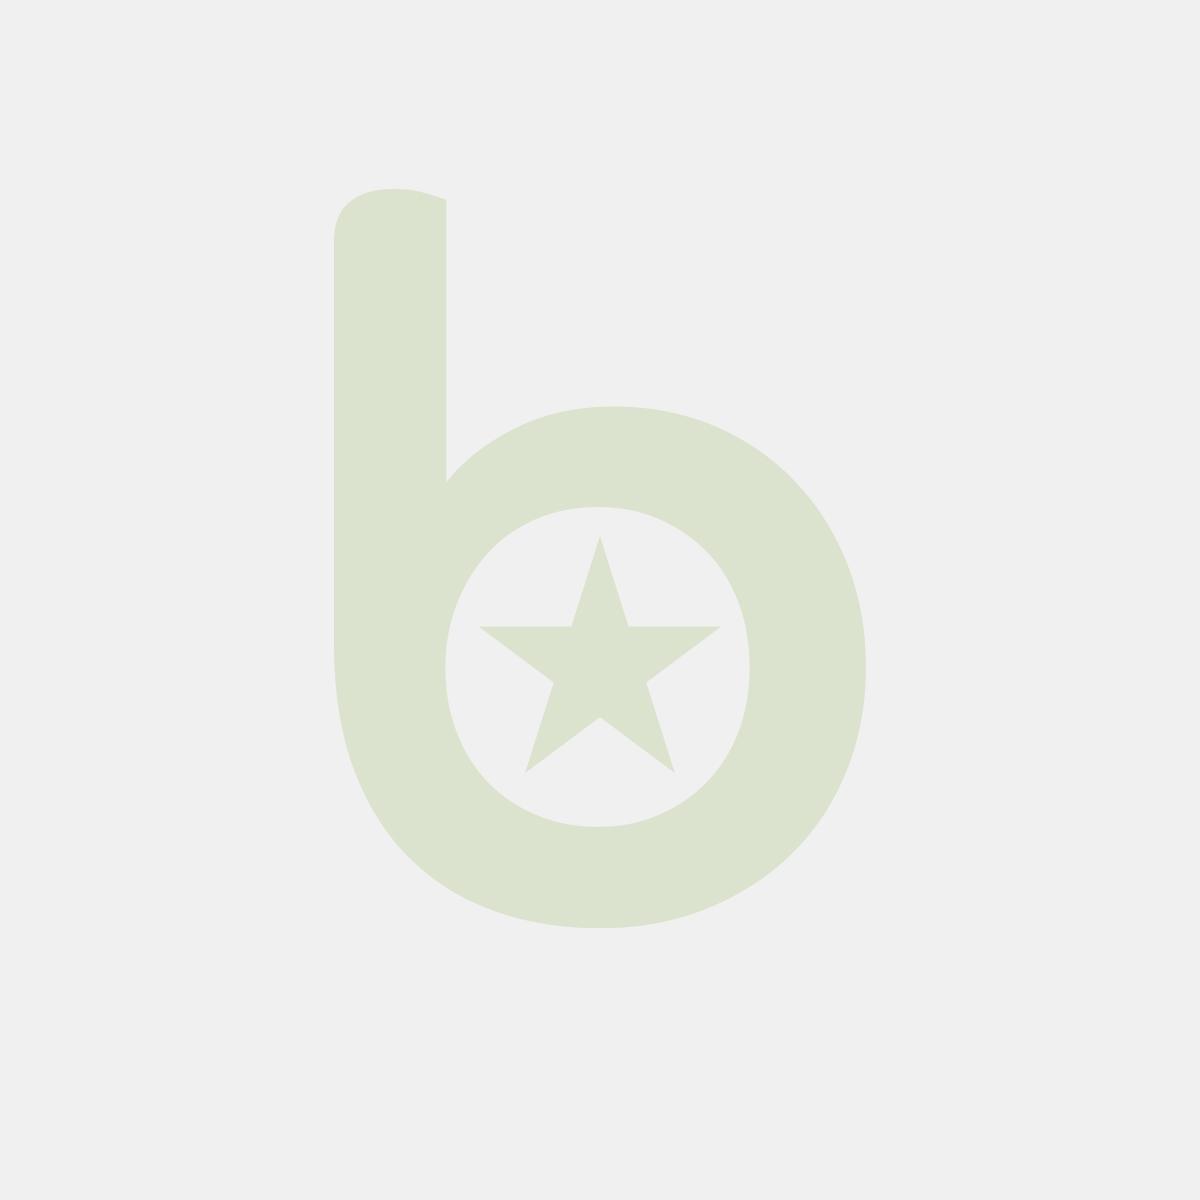 Czapki kucharskie z włókniny 30cmTOSCANA op.5szt białe, reg. rozm, z pilsami